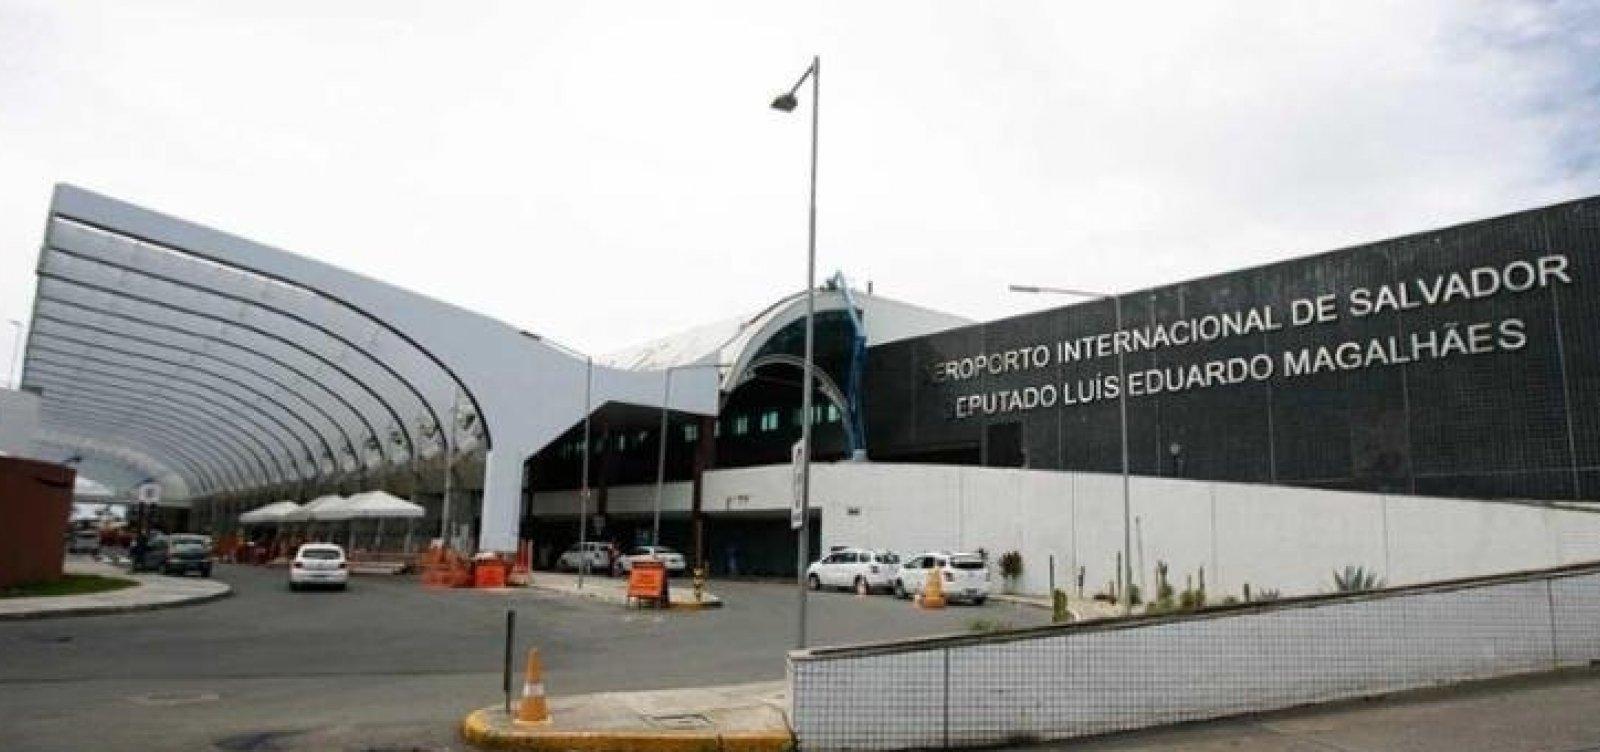 [Nova loja duty free do Aeroporto de Salvador abre no início do ano que vem]